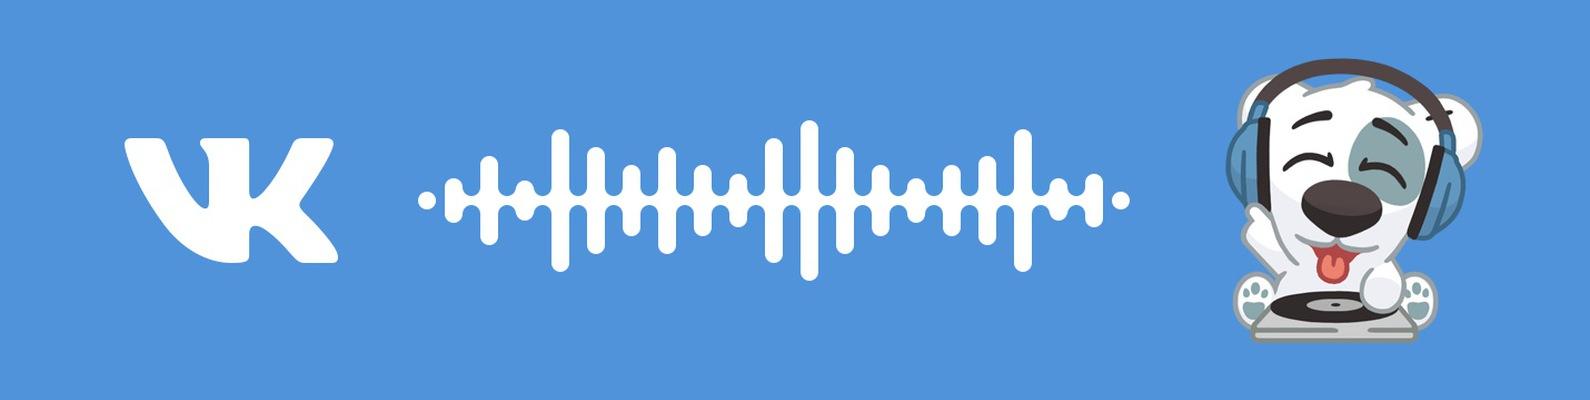 Заказ рекламный аудио ролик под ключ для рекламы в соцсетях